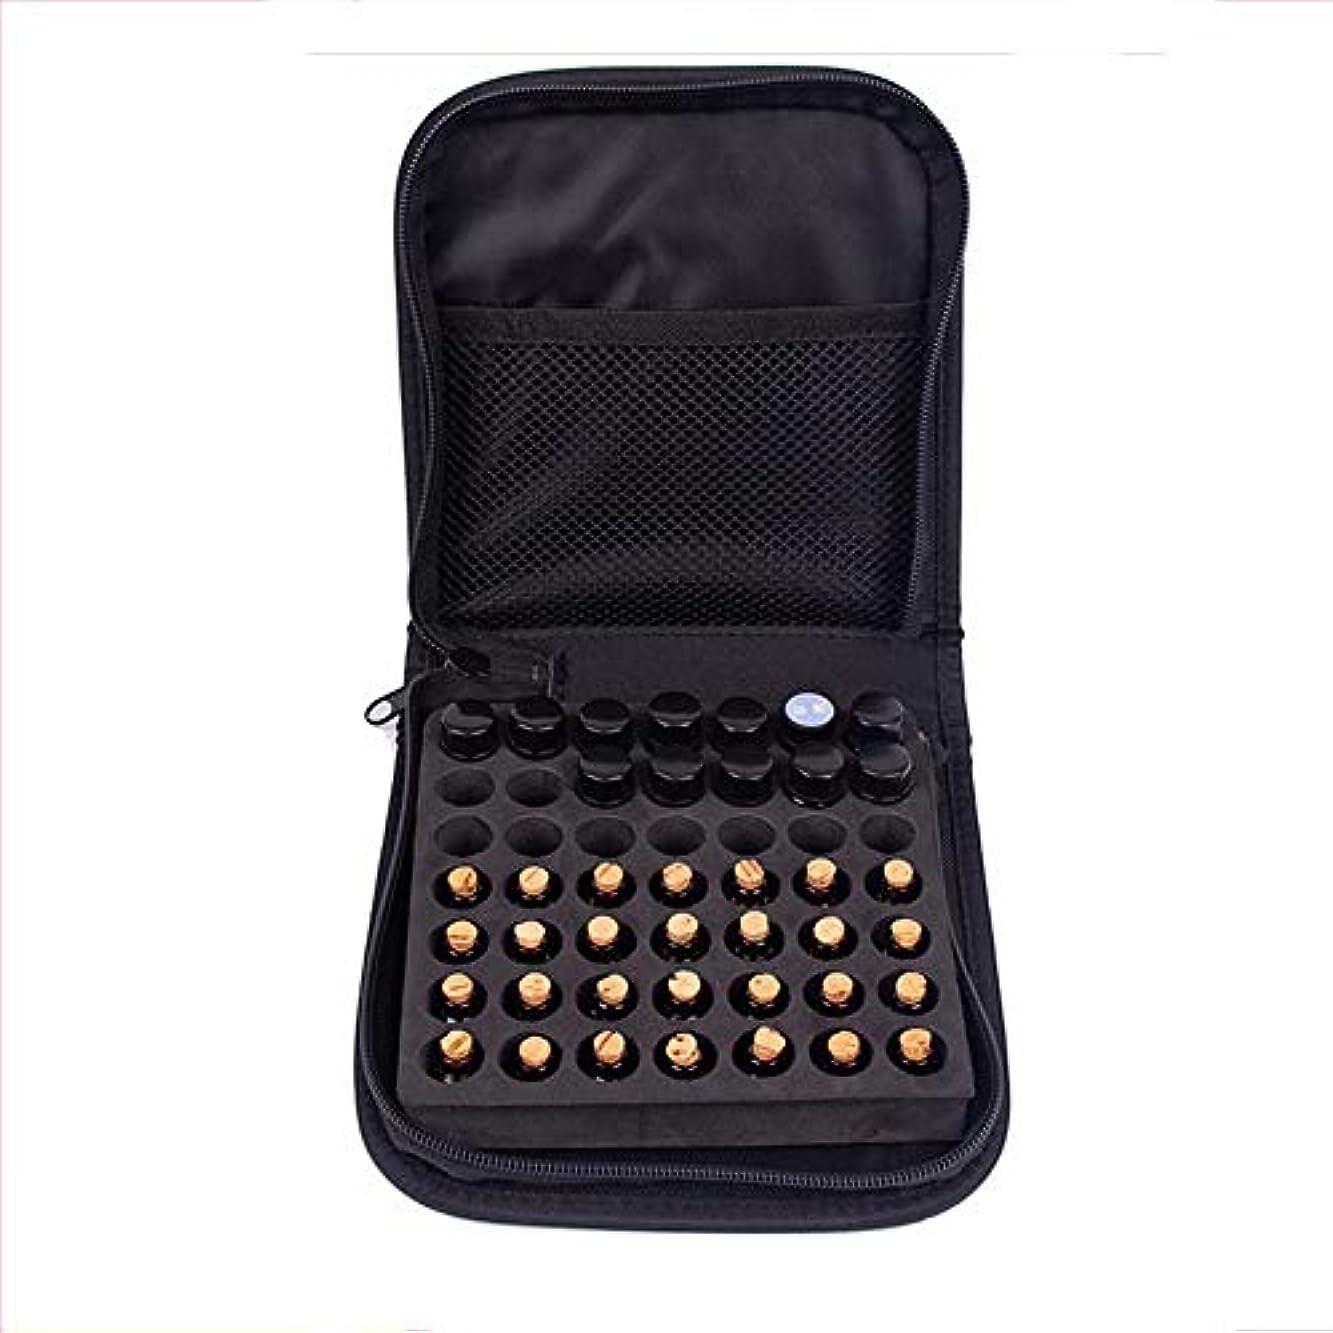 望む答え禁止エッセンシャルオイル収納ボックス 49本のボトル用エッセンシャルオイルの収納ケース旅行エッセンシャルオイルキャリングケースは、2mlのバイアルを保持します (色 : ブラック, サイズ : 16.5X16.4X4CM)